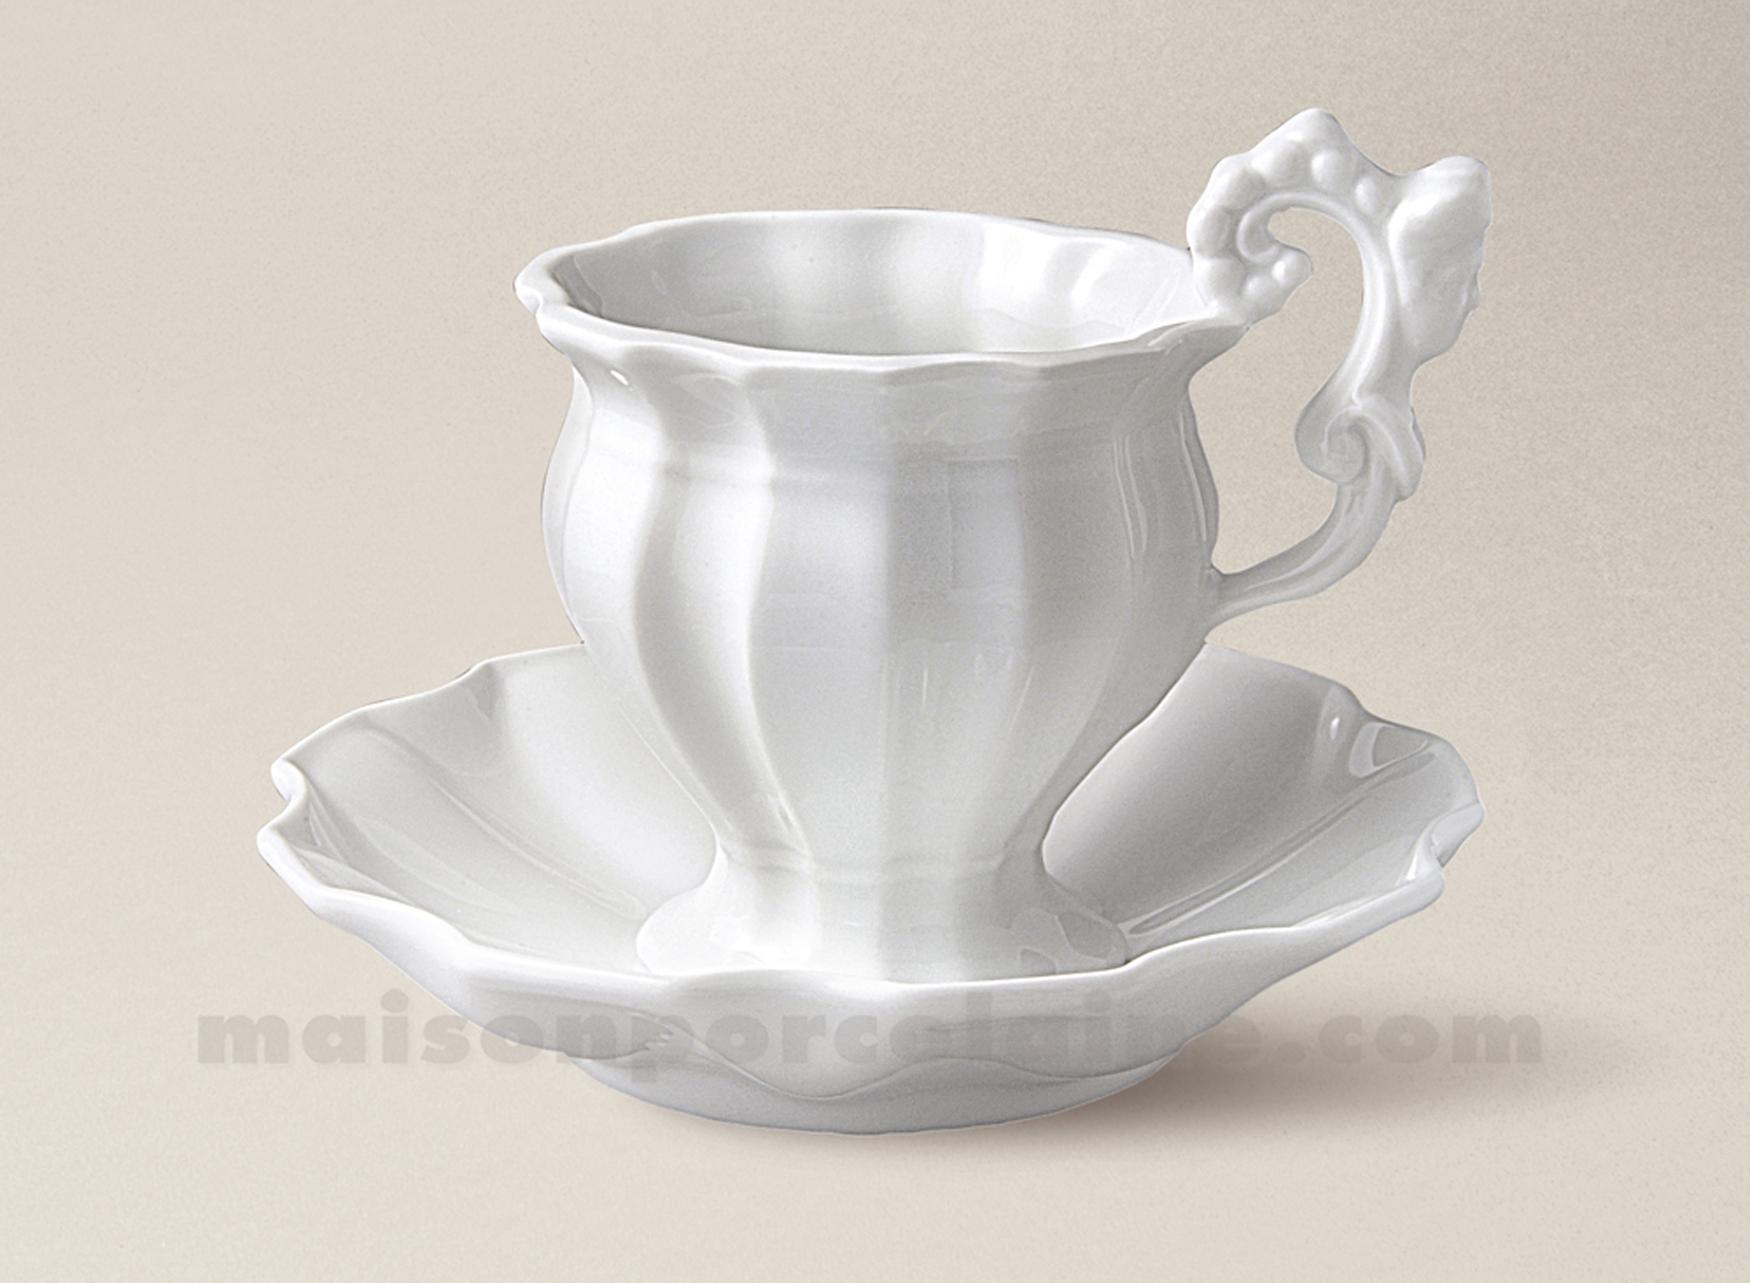 Tasse dejeuner soucoupe porcelaine blanche limoges vieux paris 39cl maison - La porcelaine blanche ...